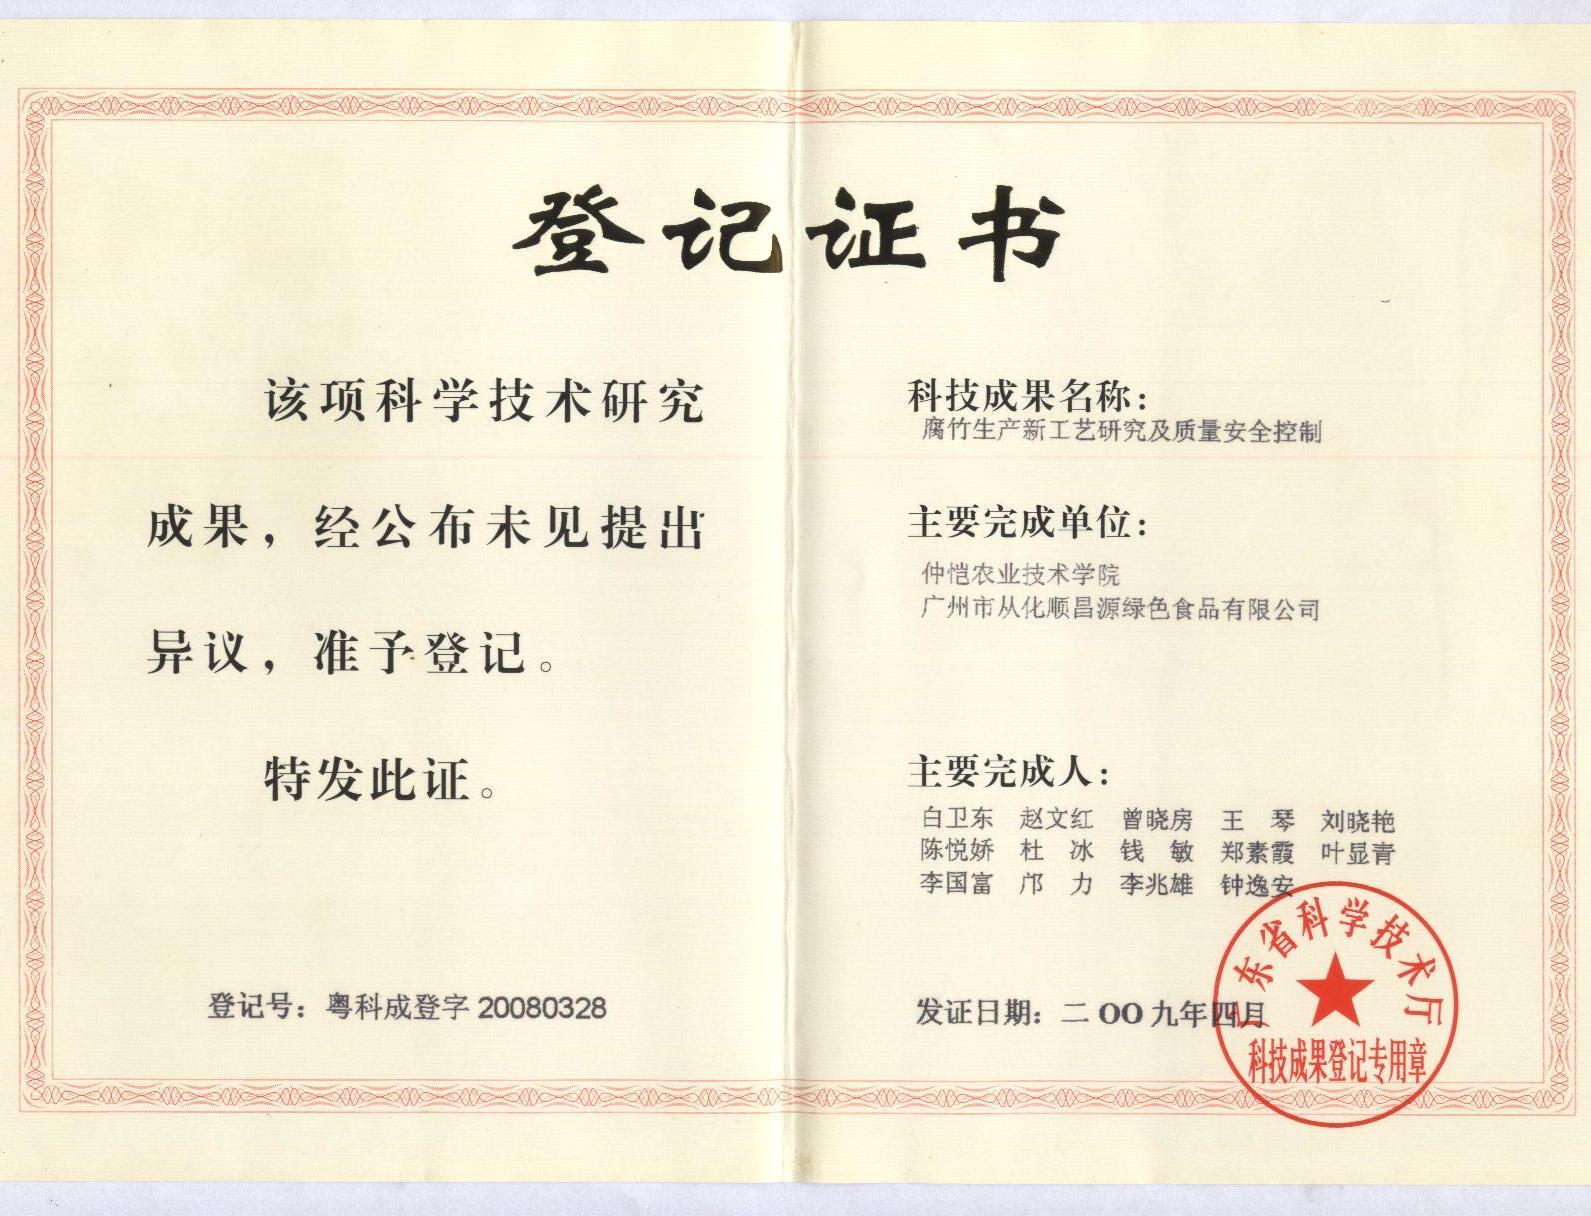 腐竹生产新工艺研究及质量安全控制